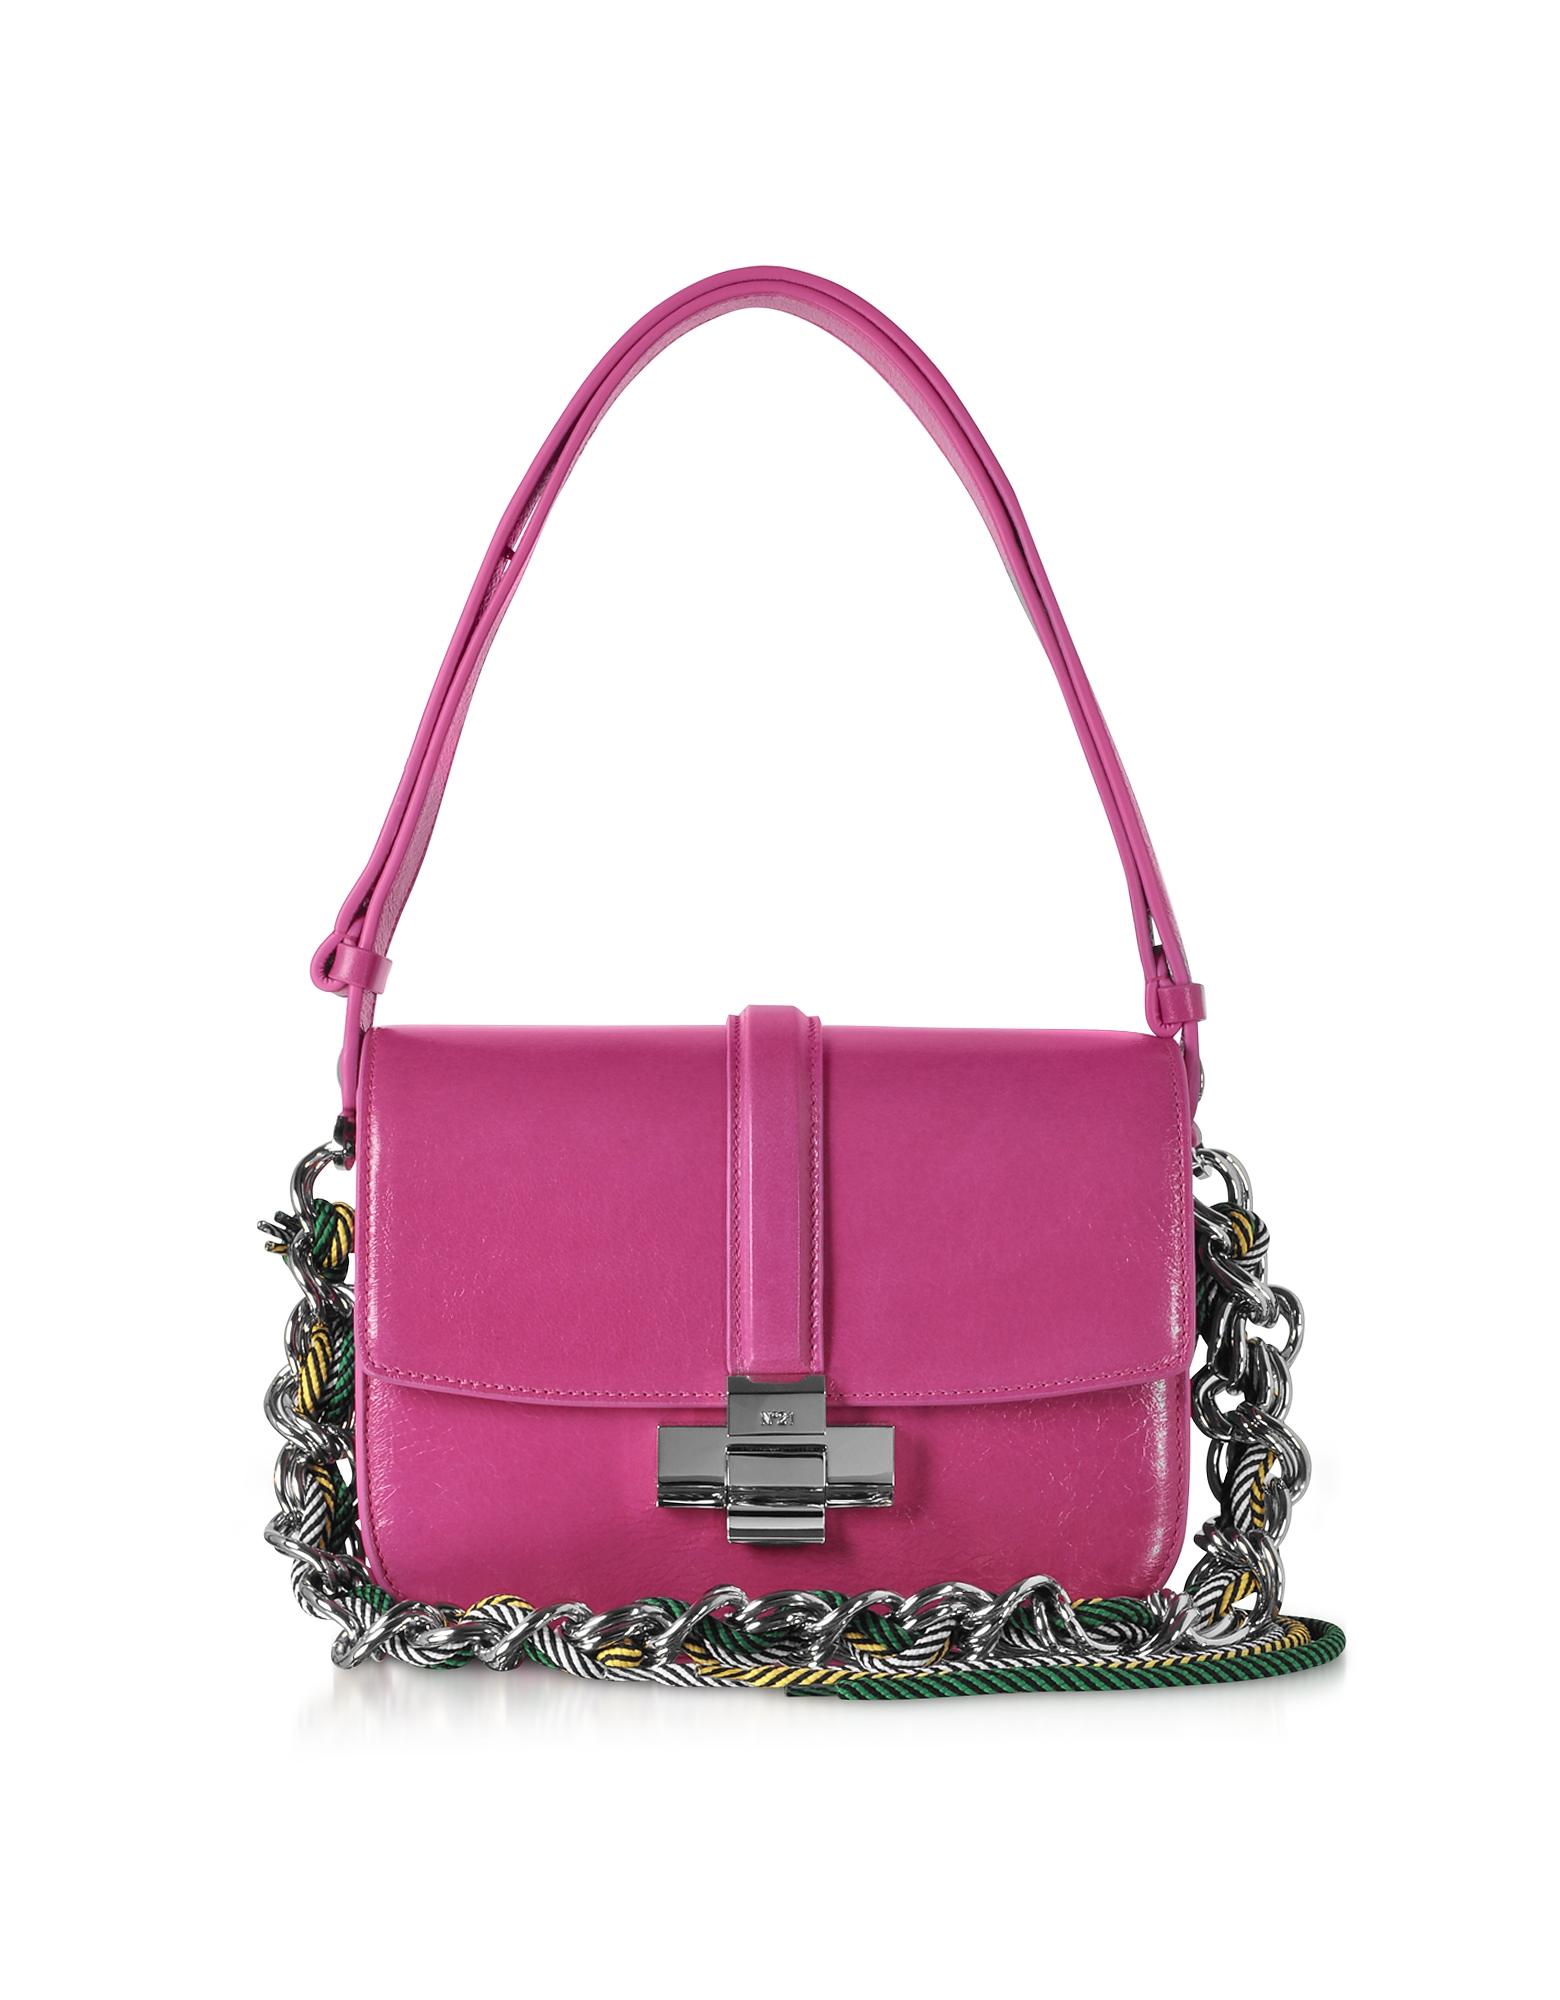 Fuchsia Leather Lolita Bag